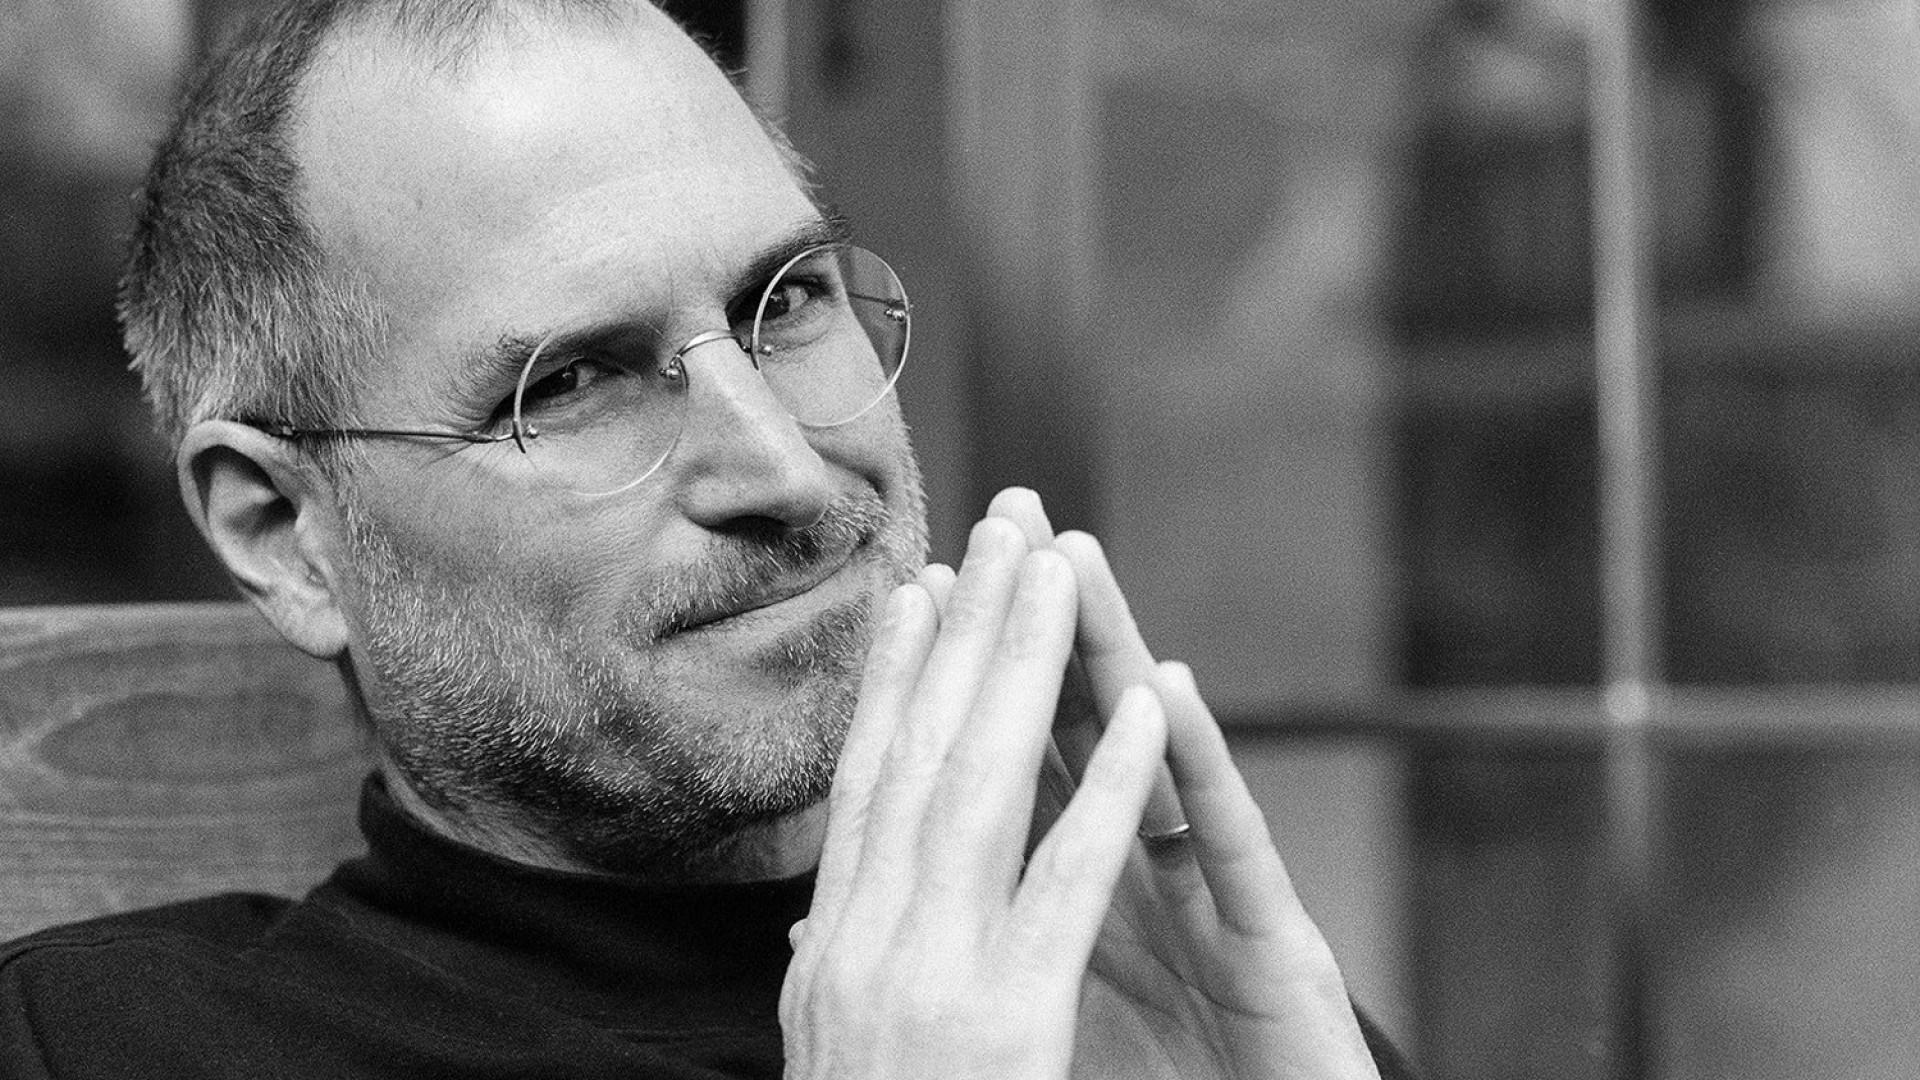 Las mejores frases de Steve Jobs, biografía y curiosidades de su vida